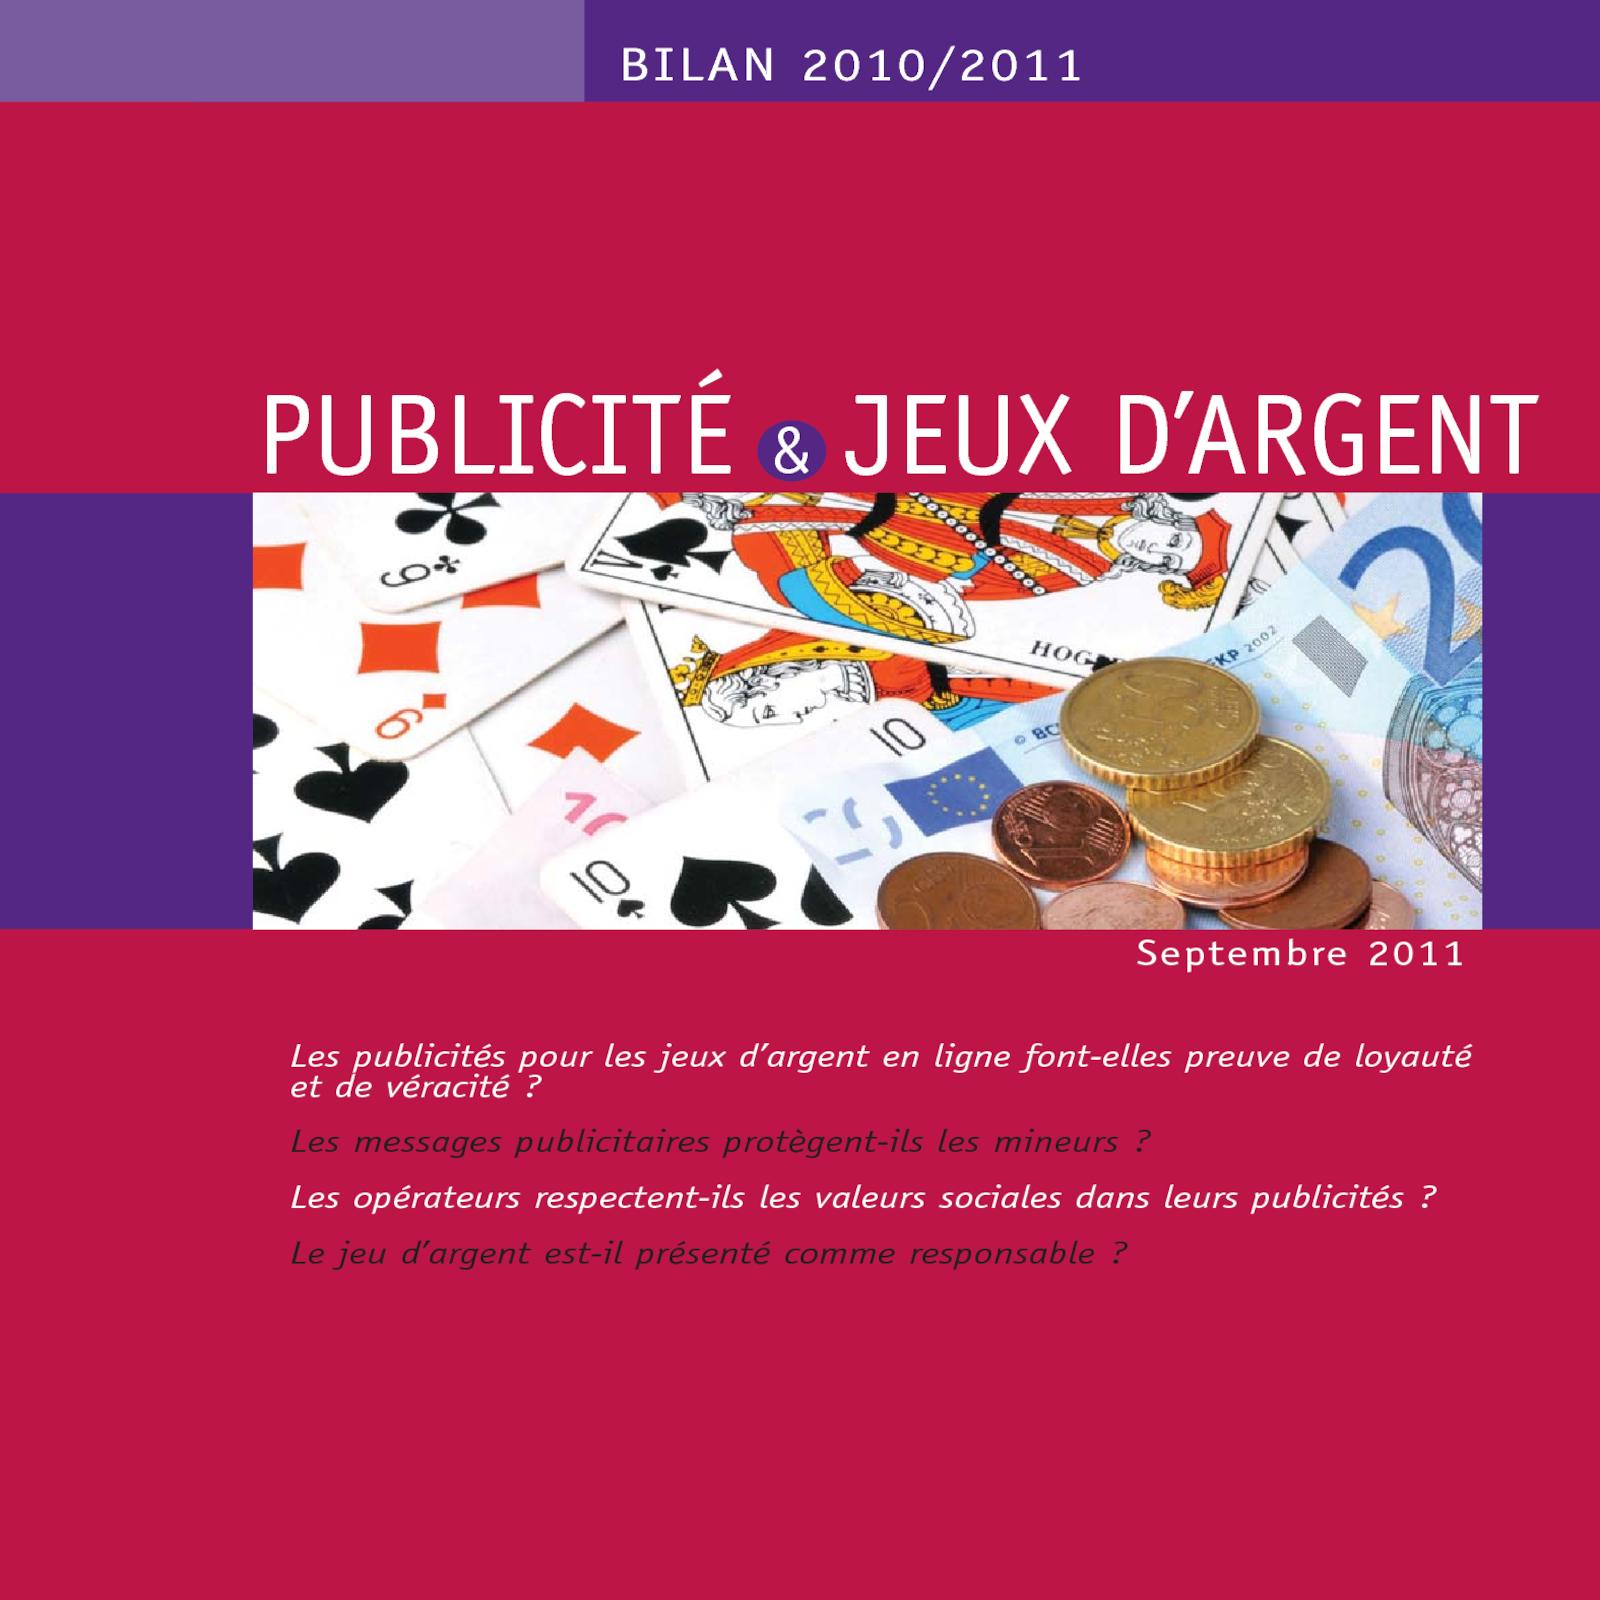 Bilan Publicité et Jeux d'Argent 2010-2011